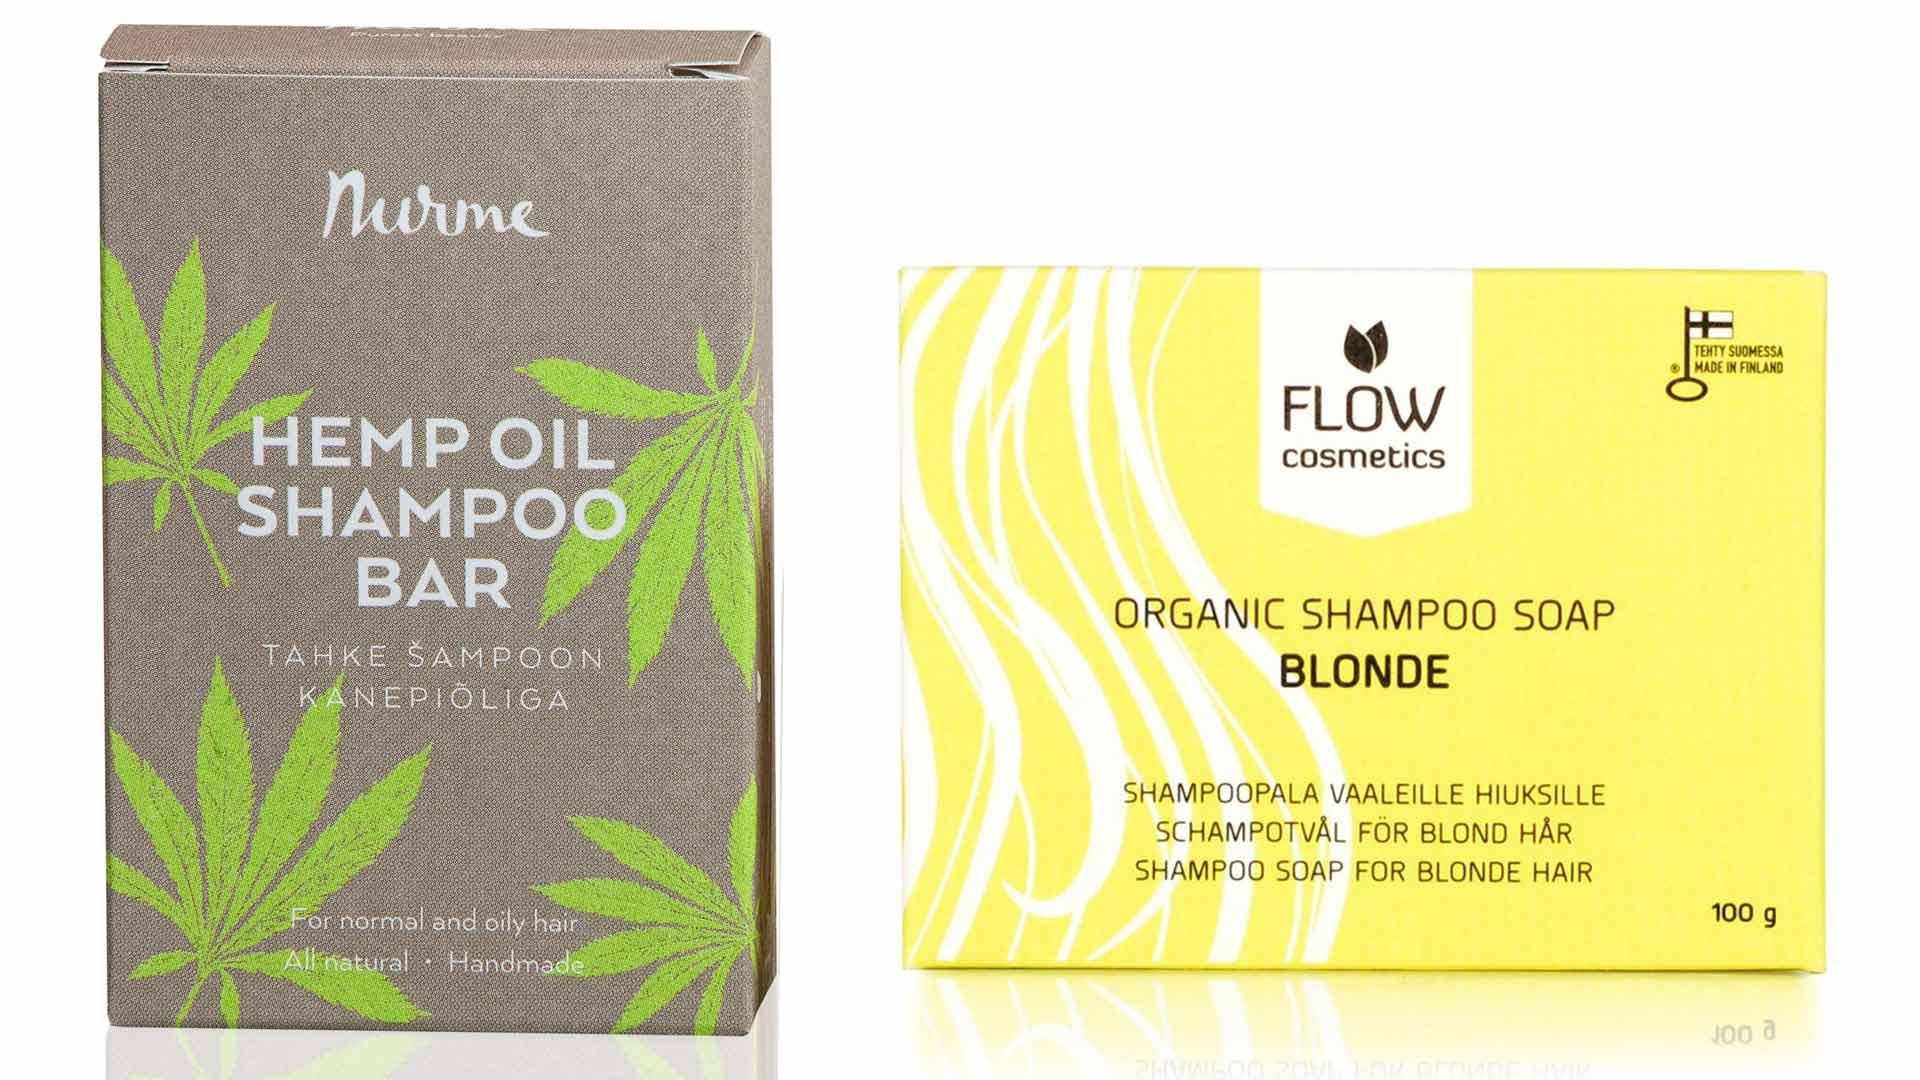 Nurme Hemp Oi / Flow Blondi